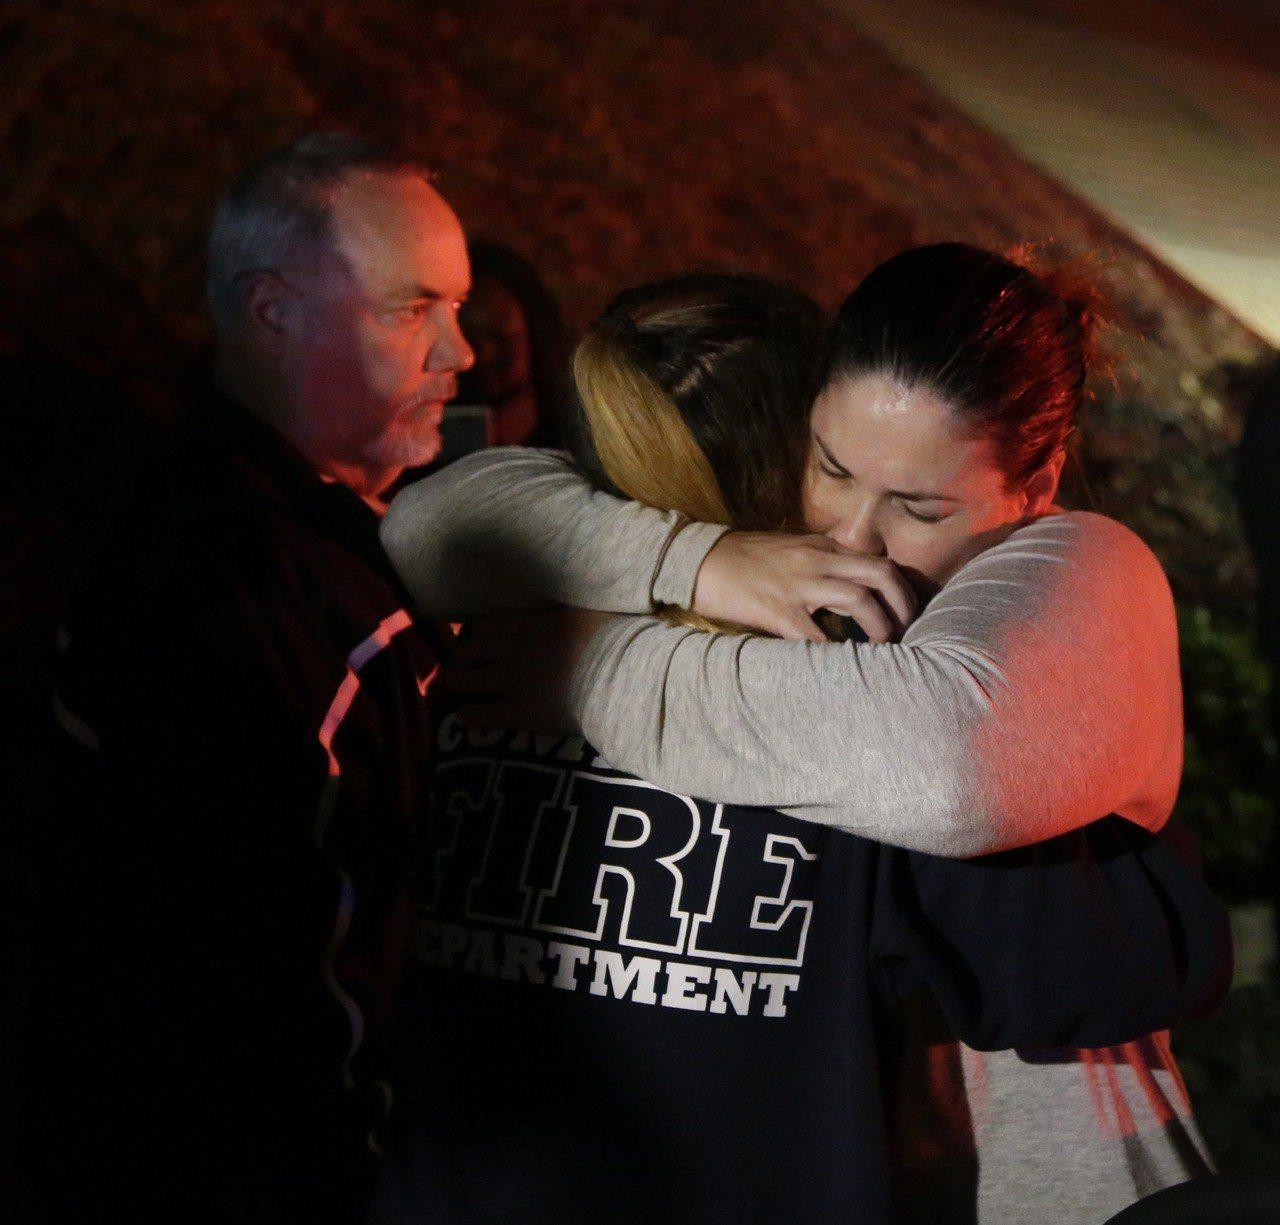 千橡鎮音樂酒吧槍擊案,亞裔倖存者憶驚魂之夜。 歐新社